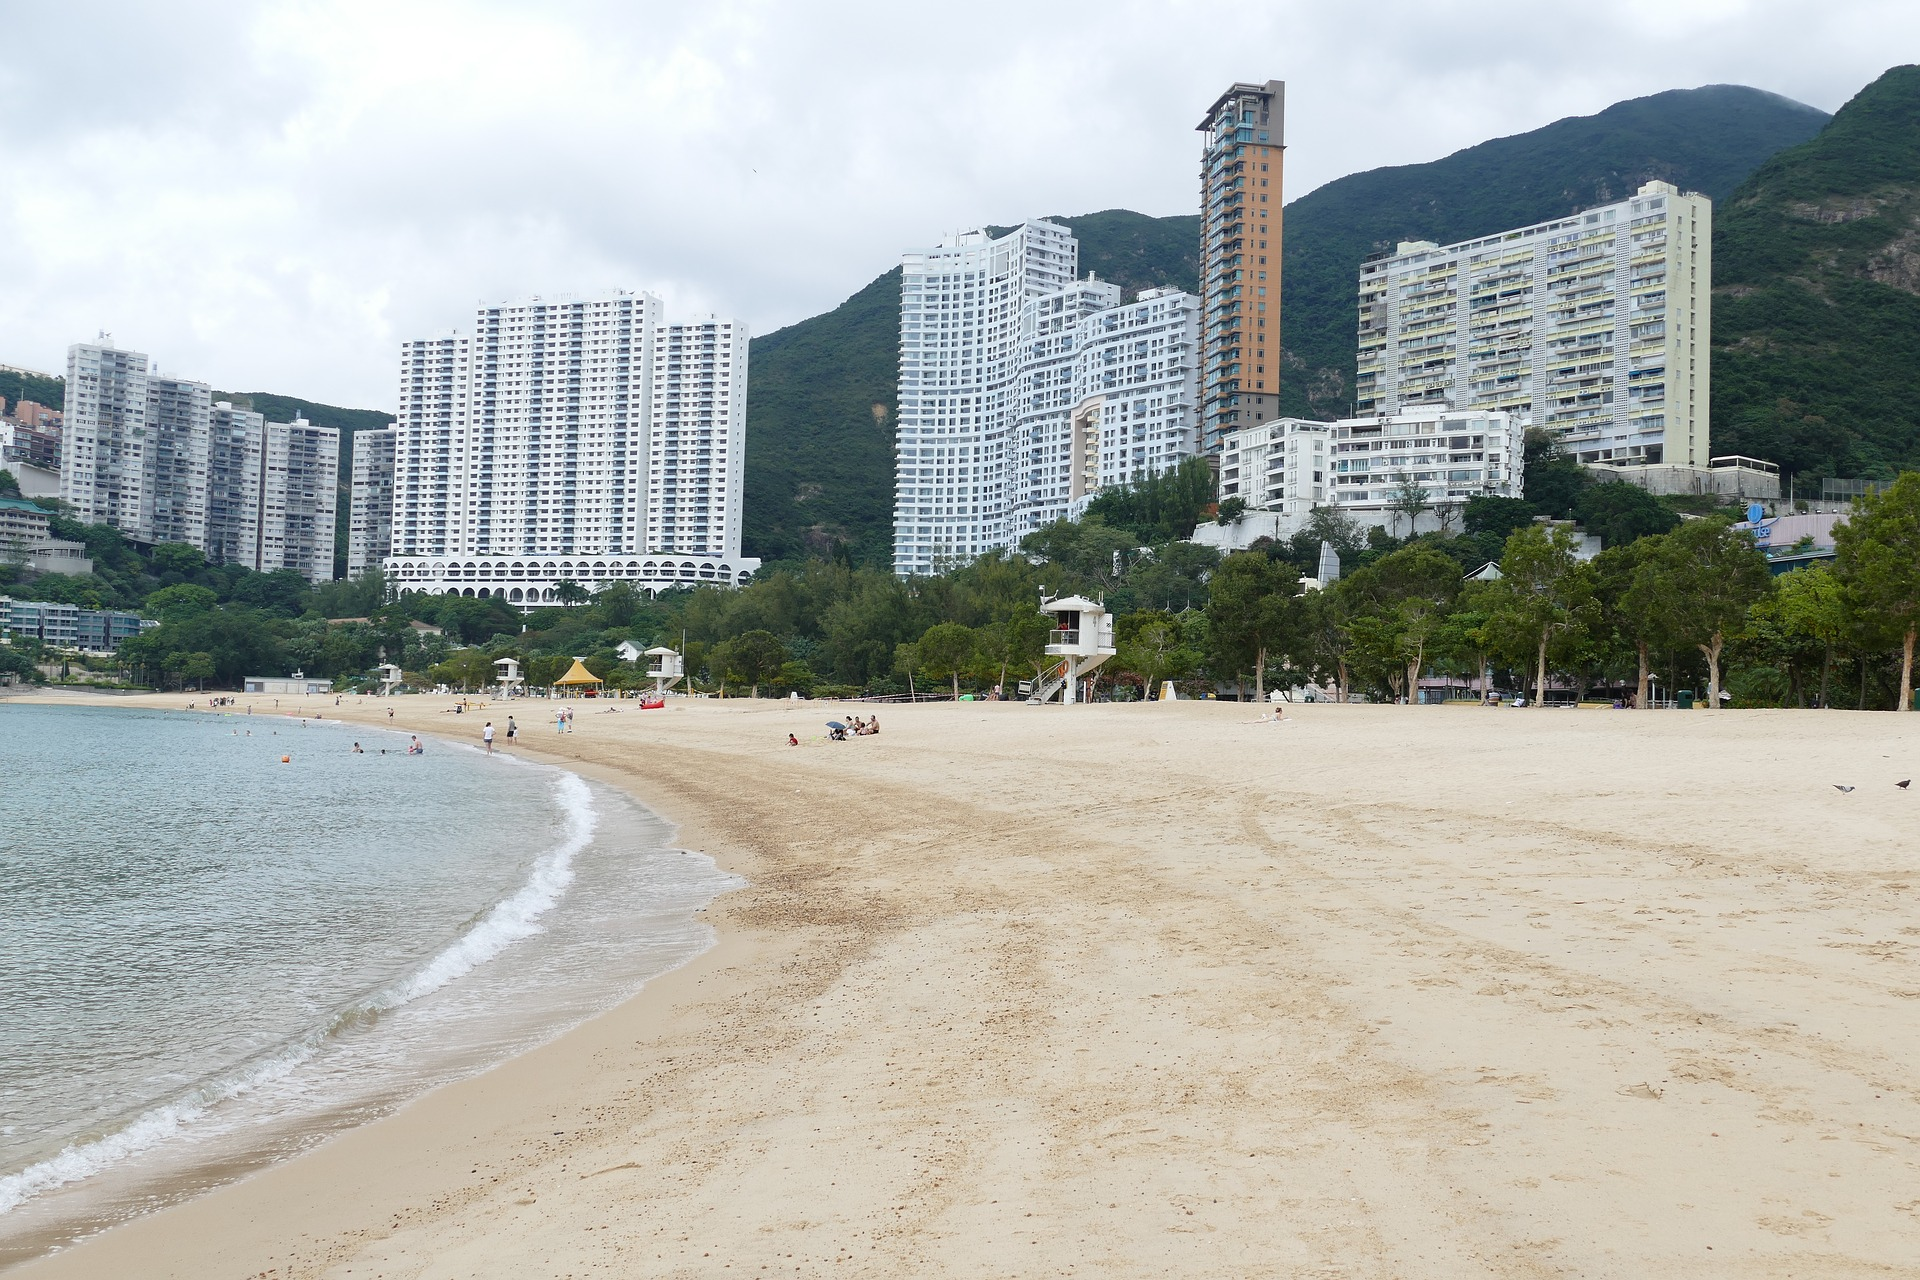 Städtereise China 10 Nächte - Strand von Hongkong